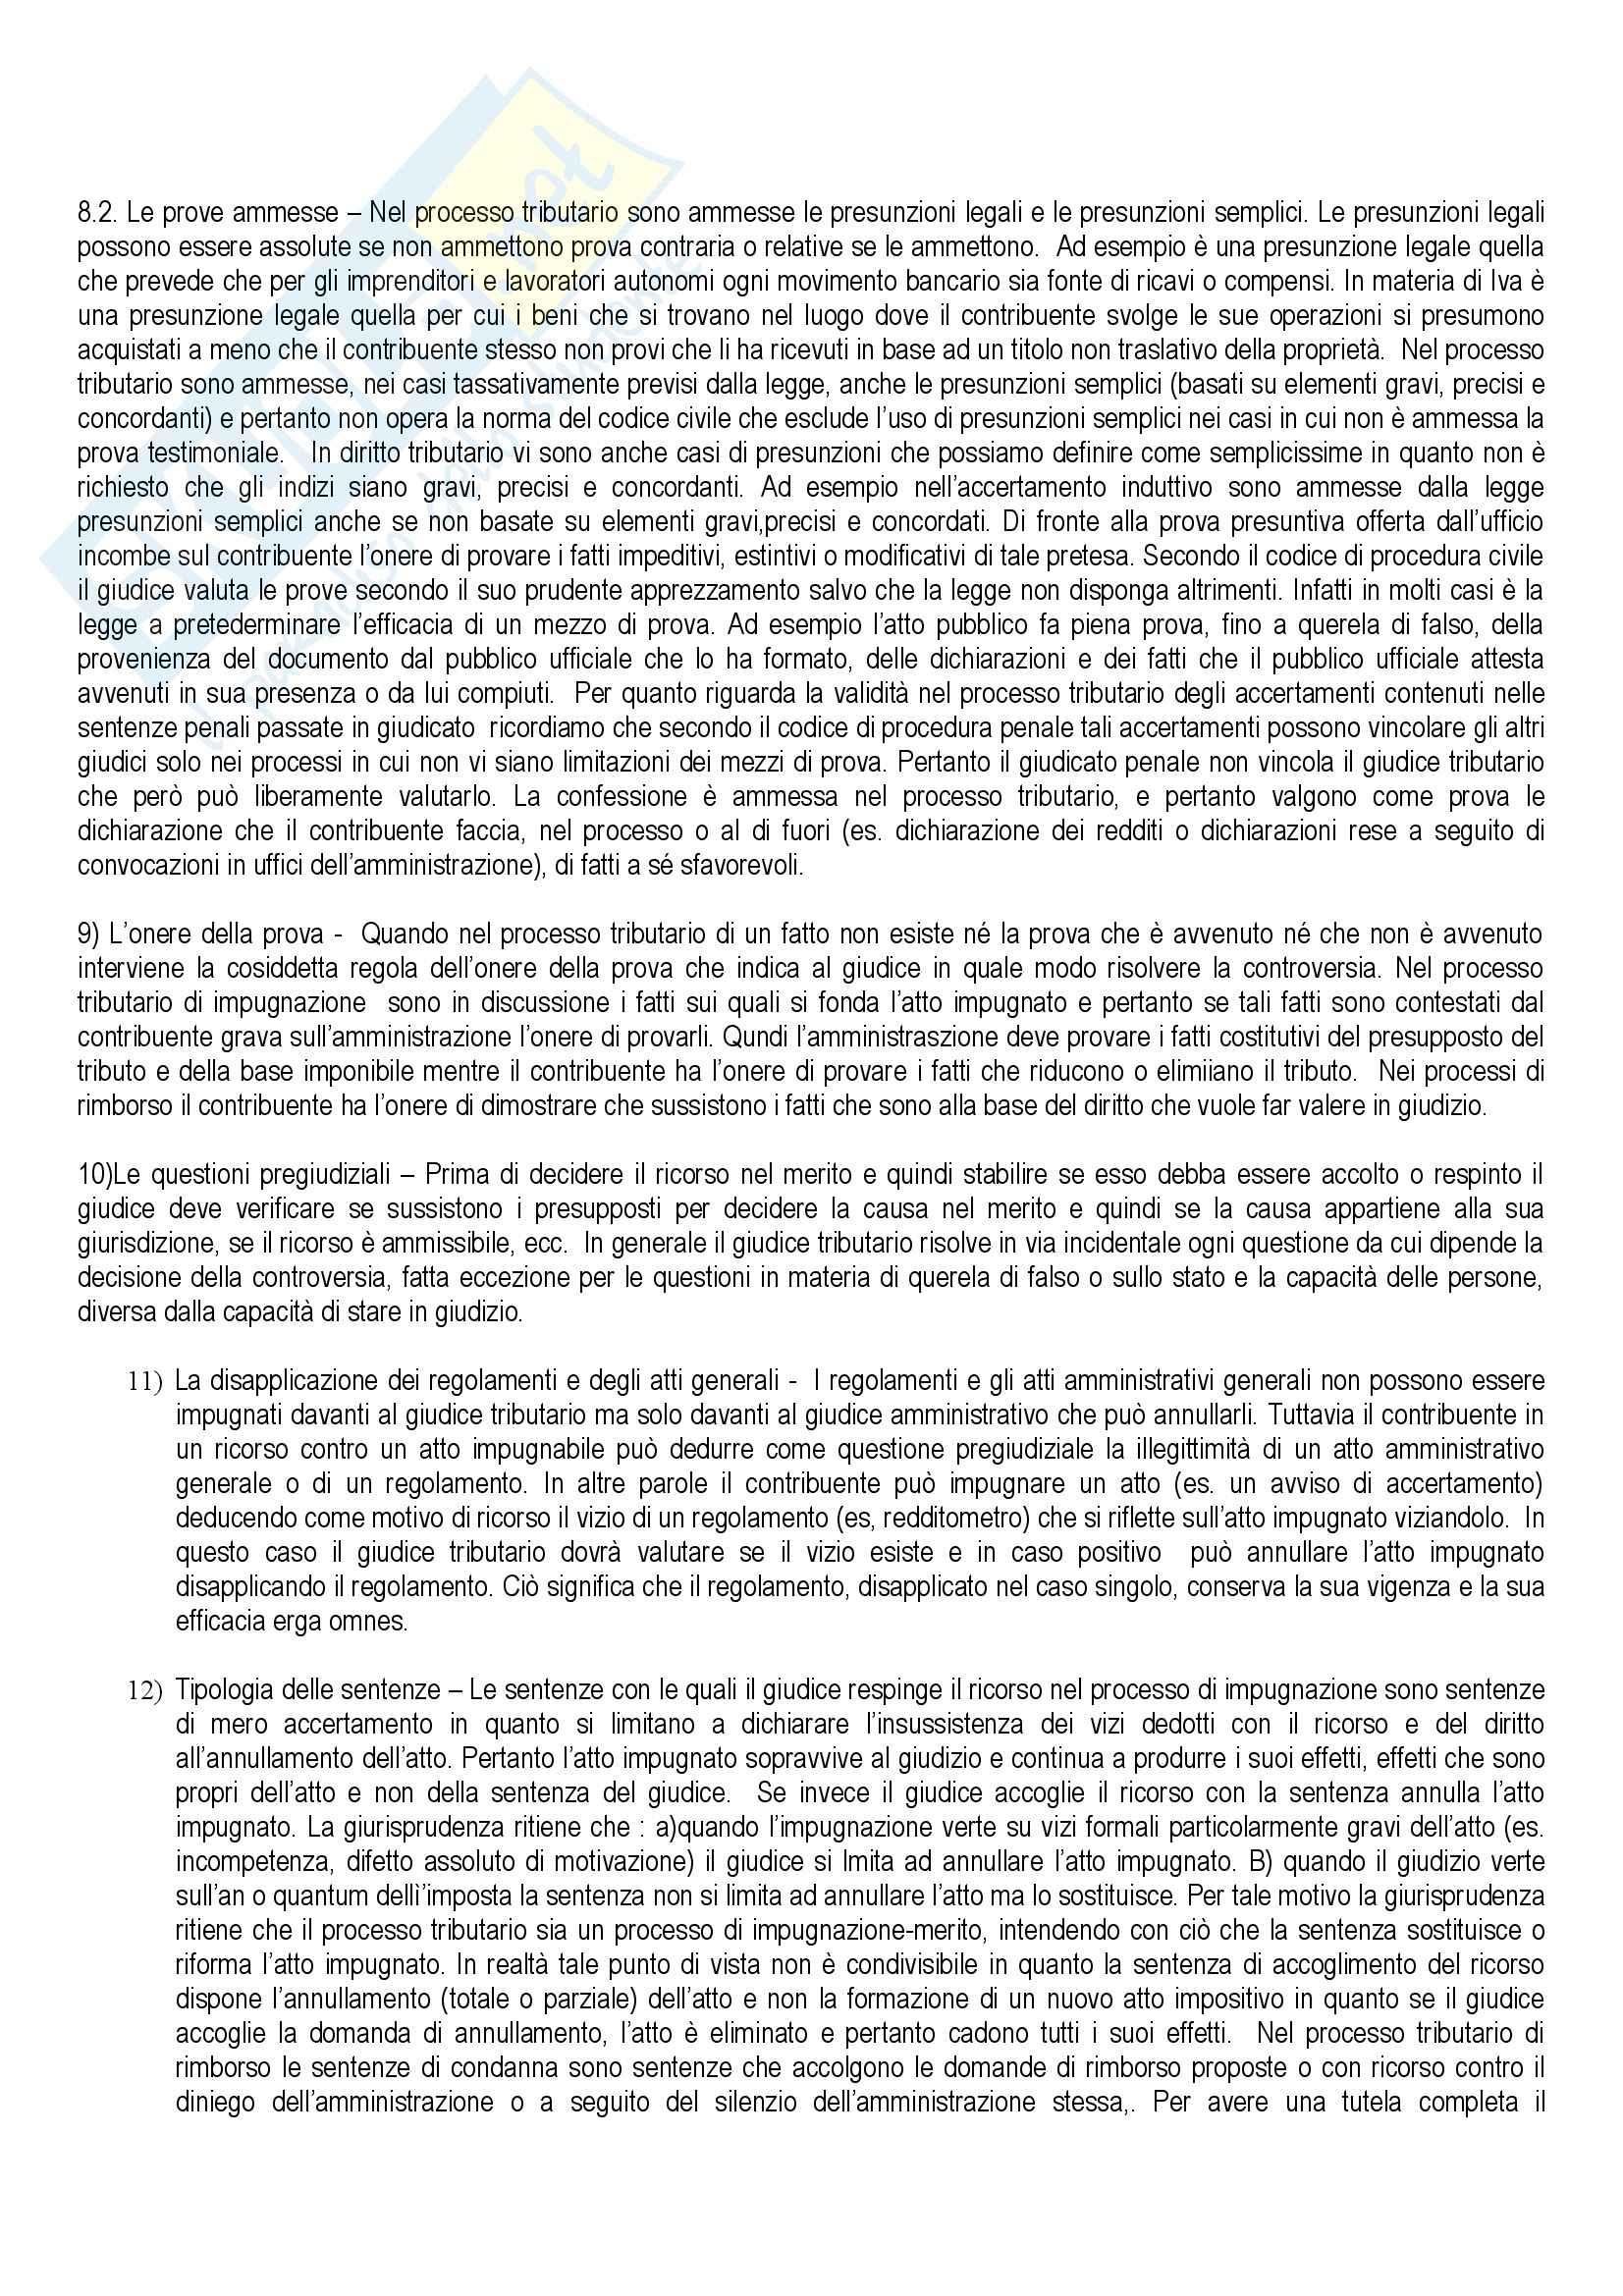 Diritto tributario - le sanzioni penali ed amministrative Pag. 11